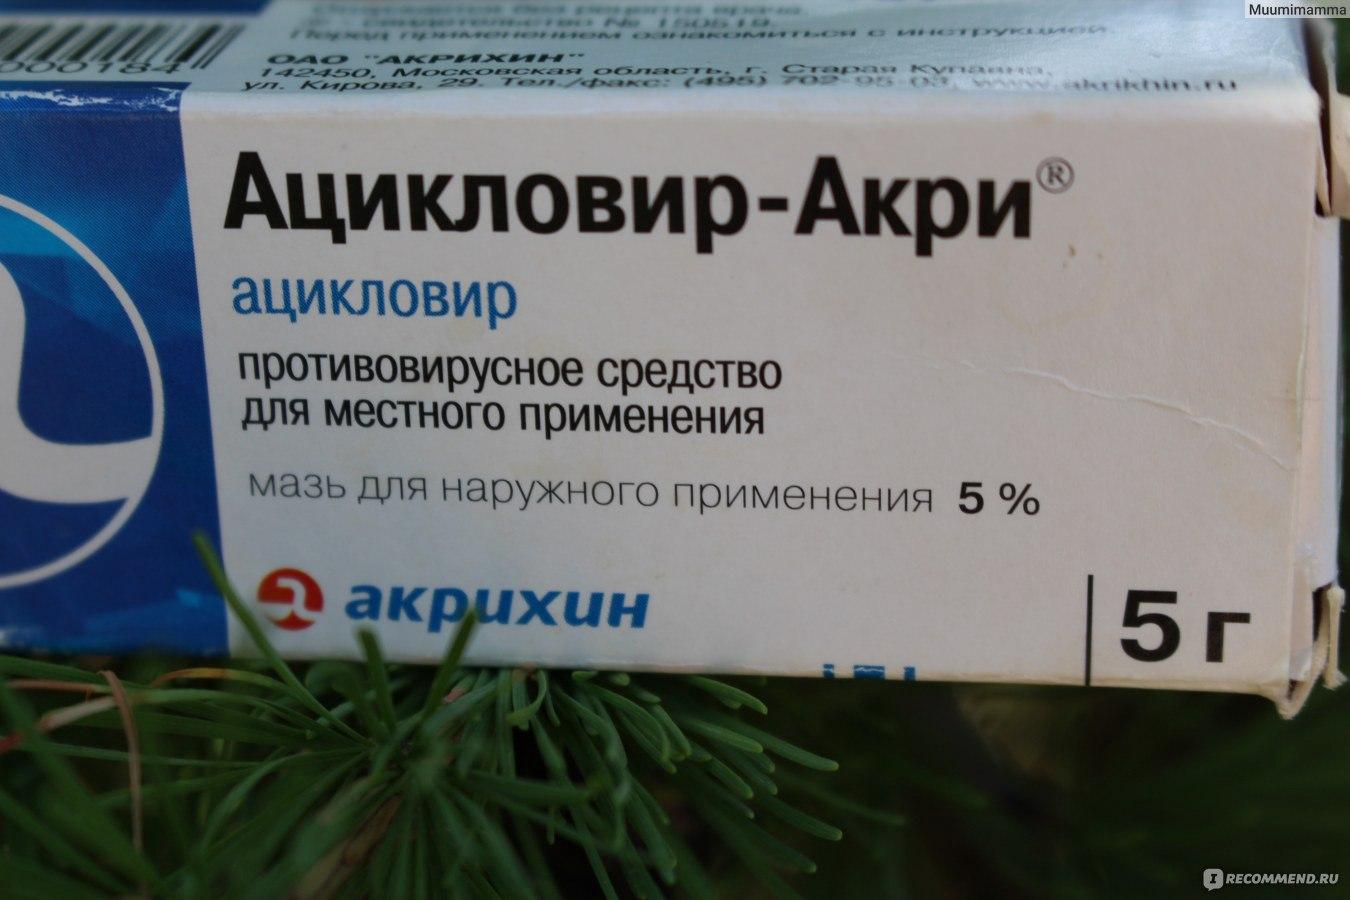 чем отличается ацикловир и ацикловир акрихин